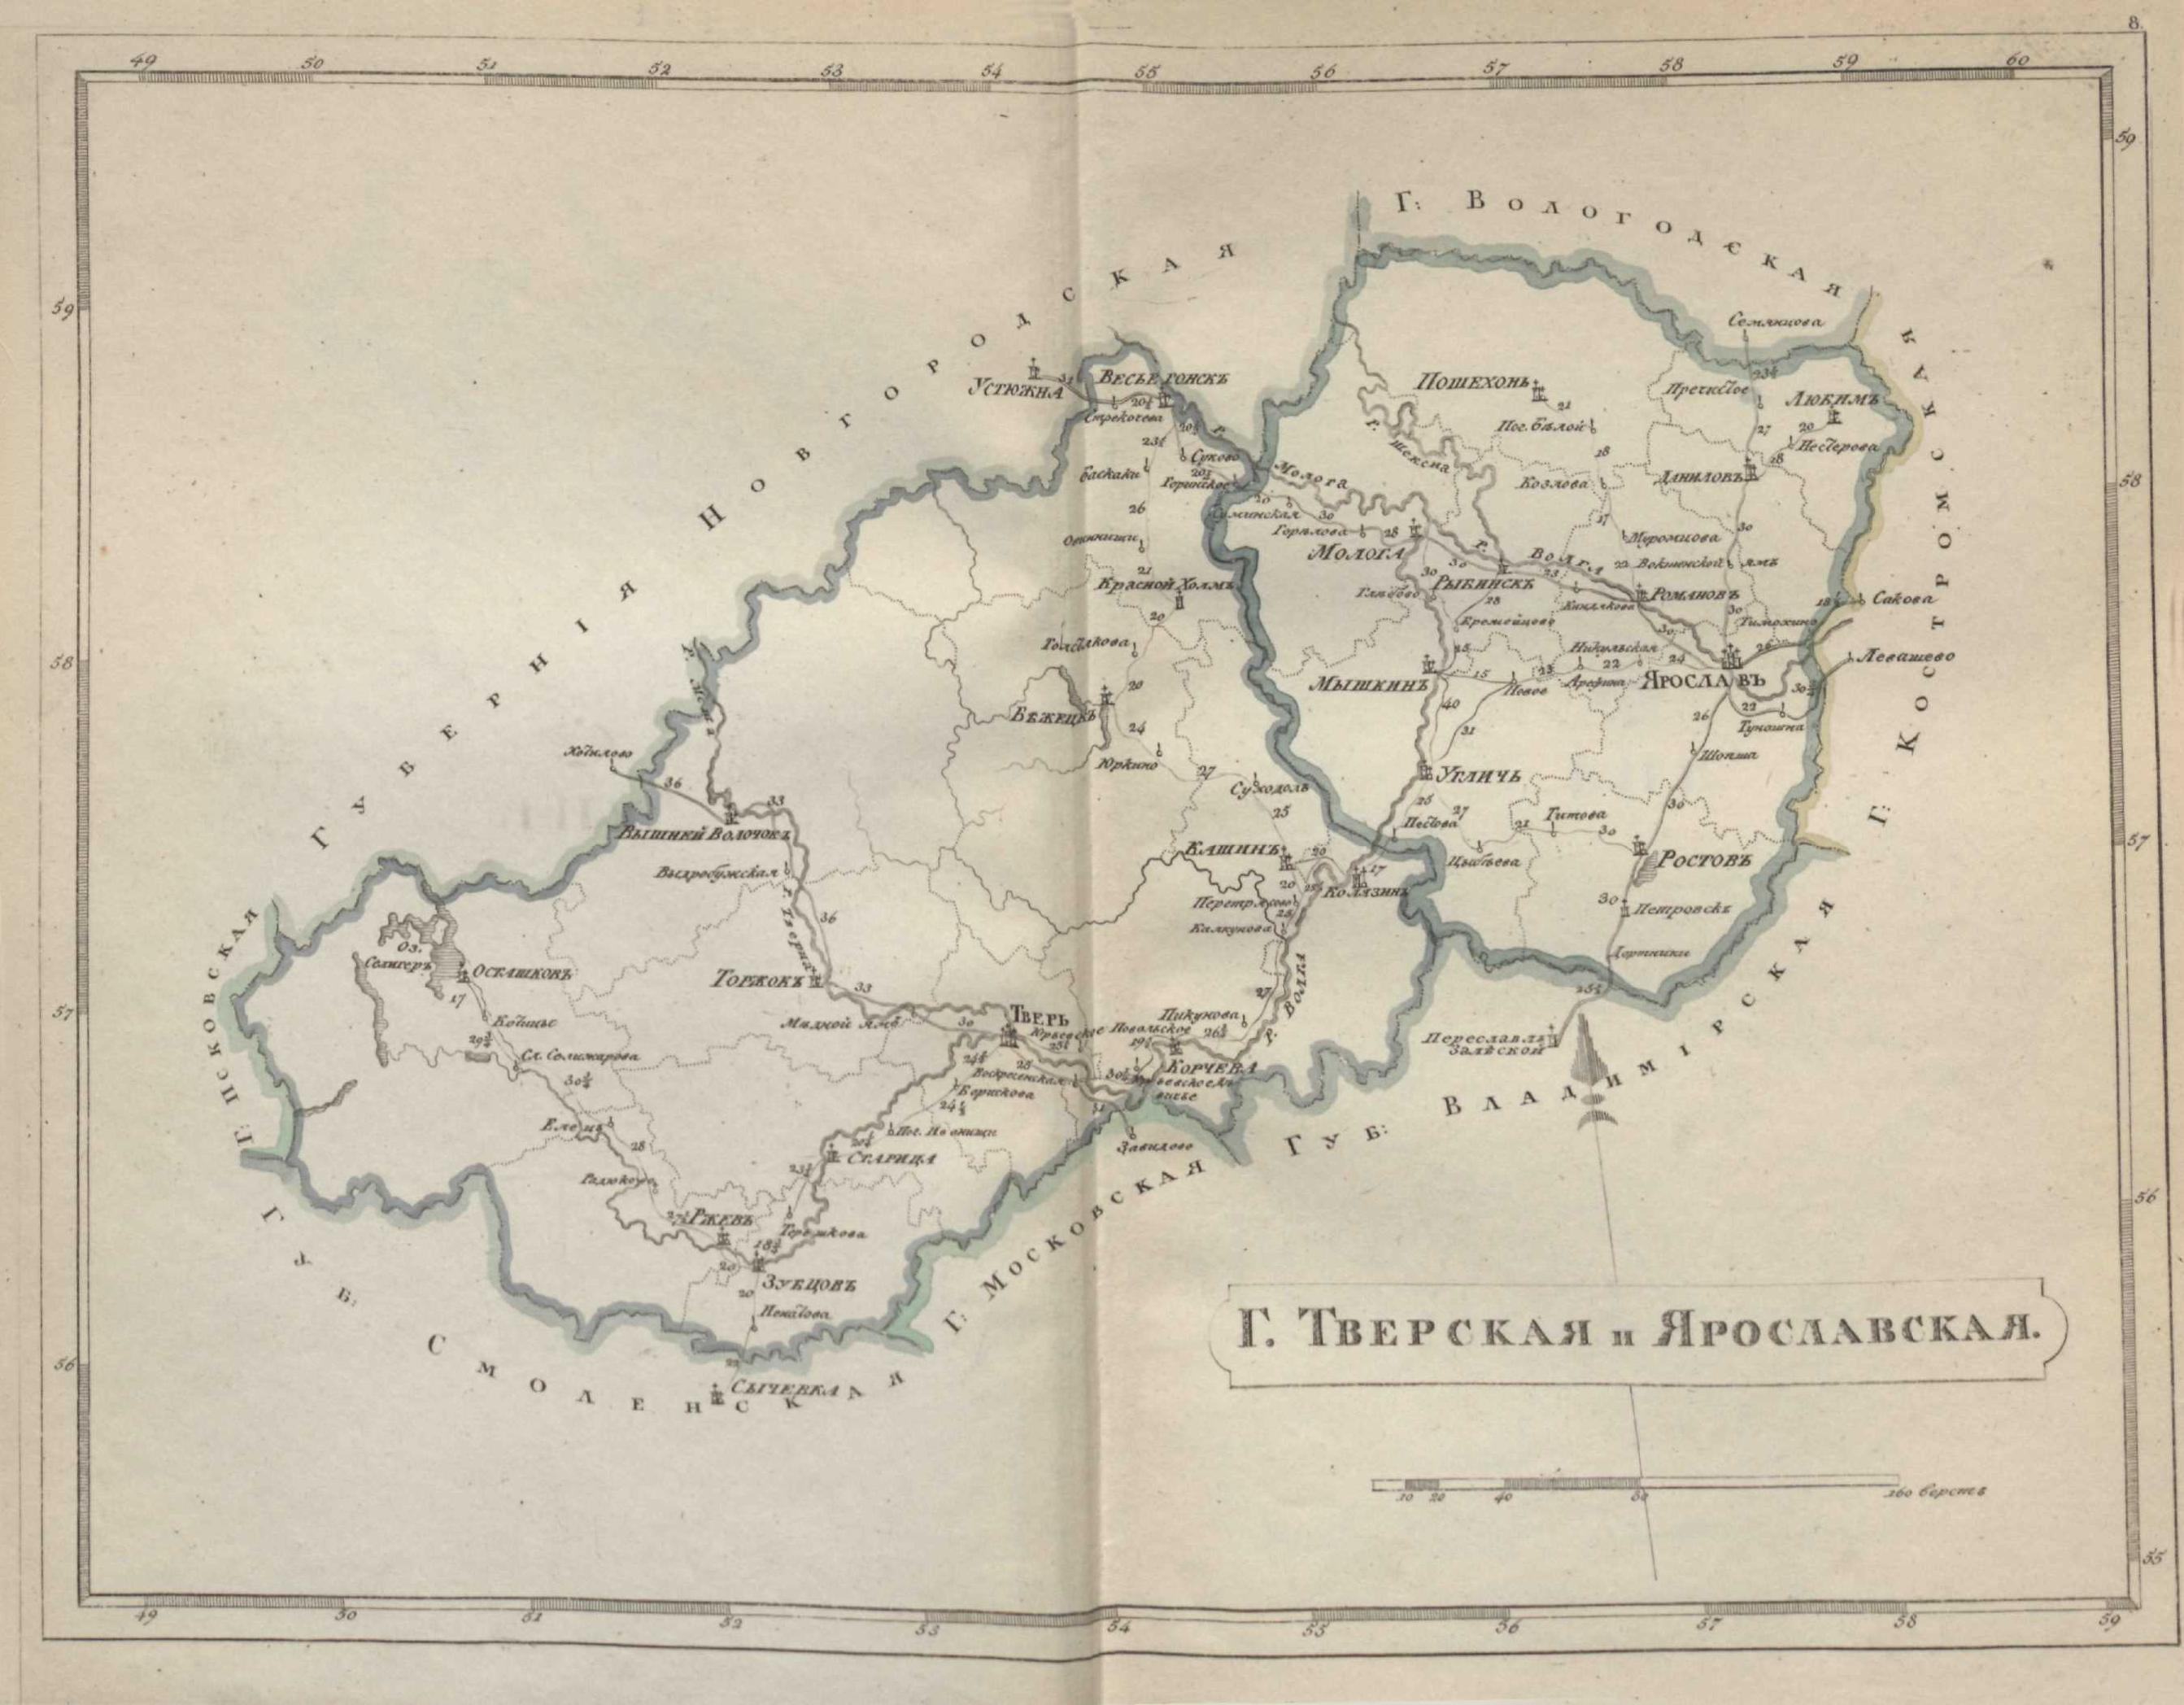 Тверская и Ярославская губернии